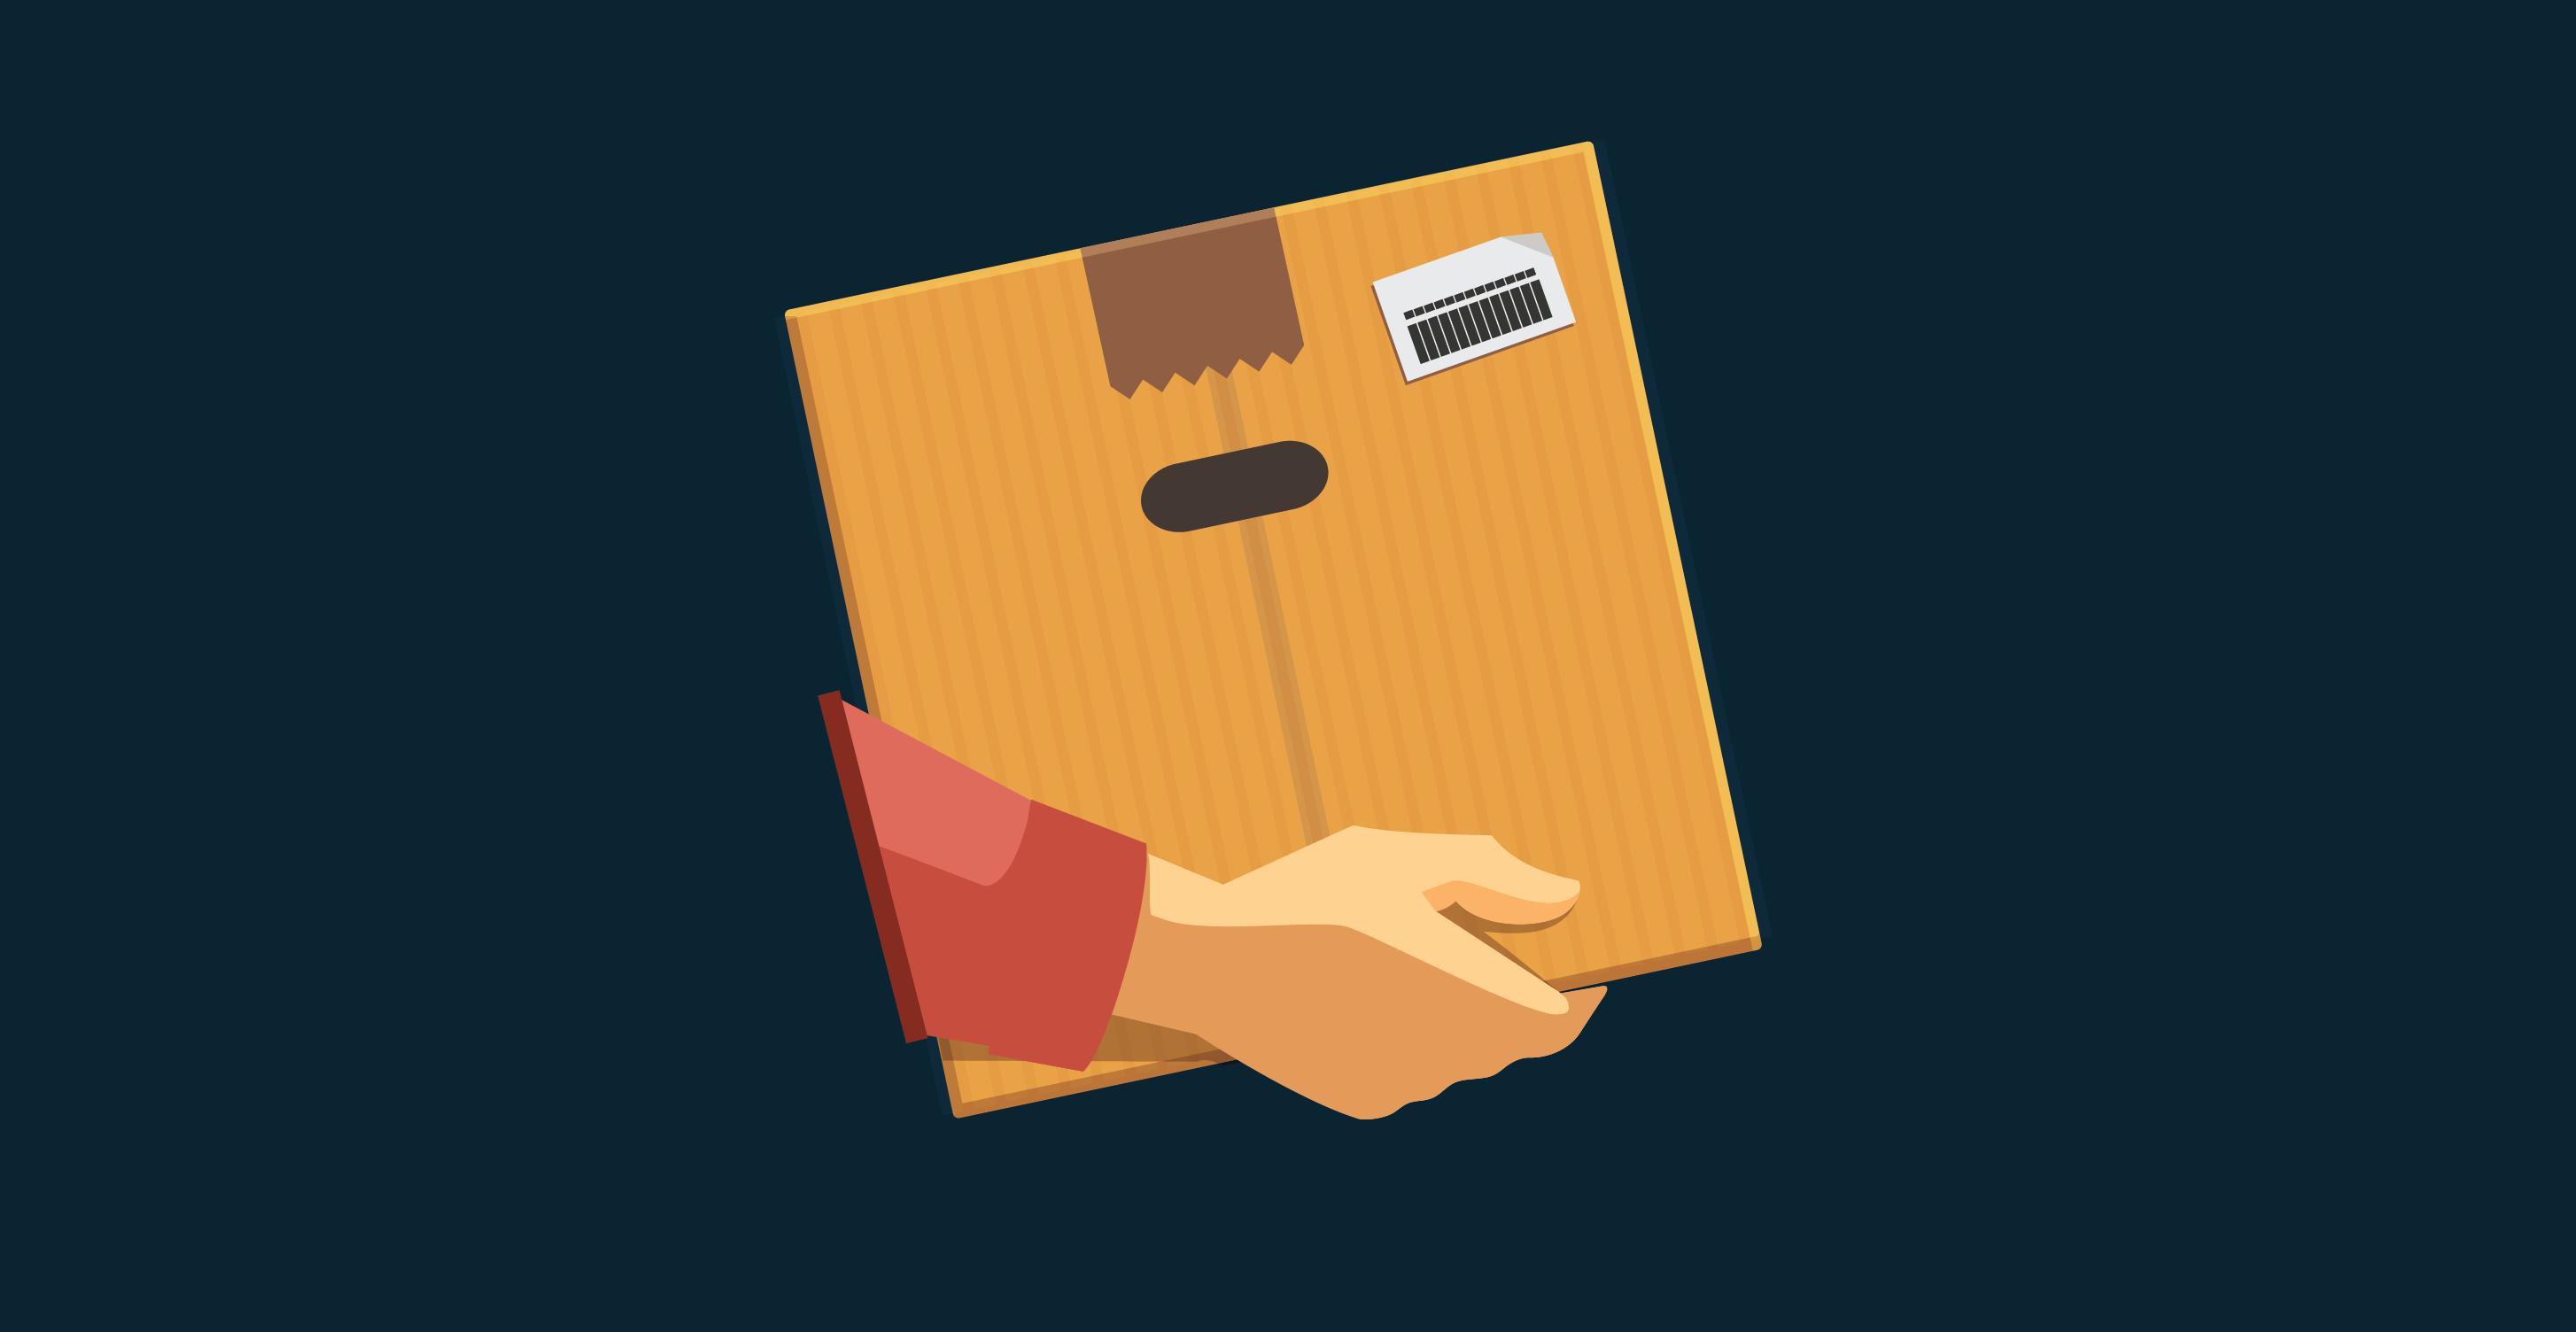 Como lidar com entregas em condomínio?